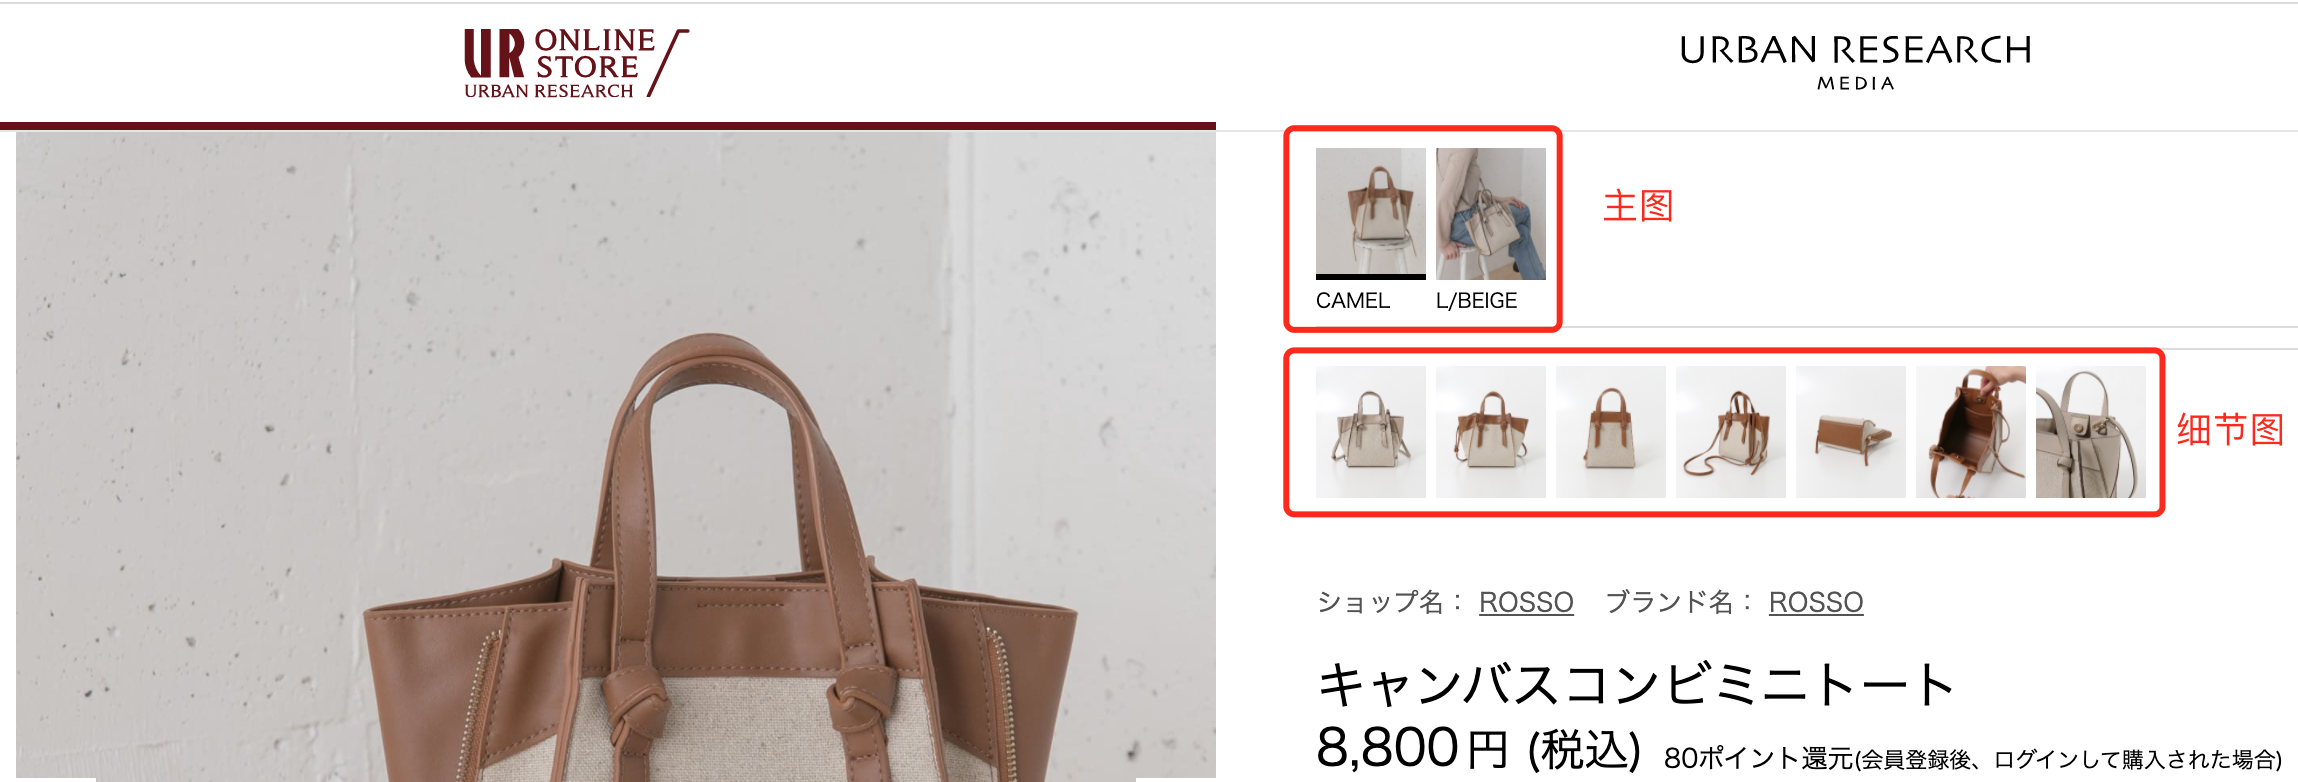 欲抓取产品的主图、细节图